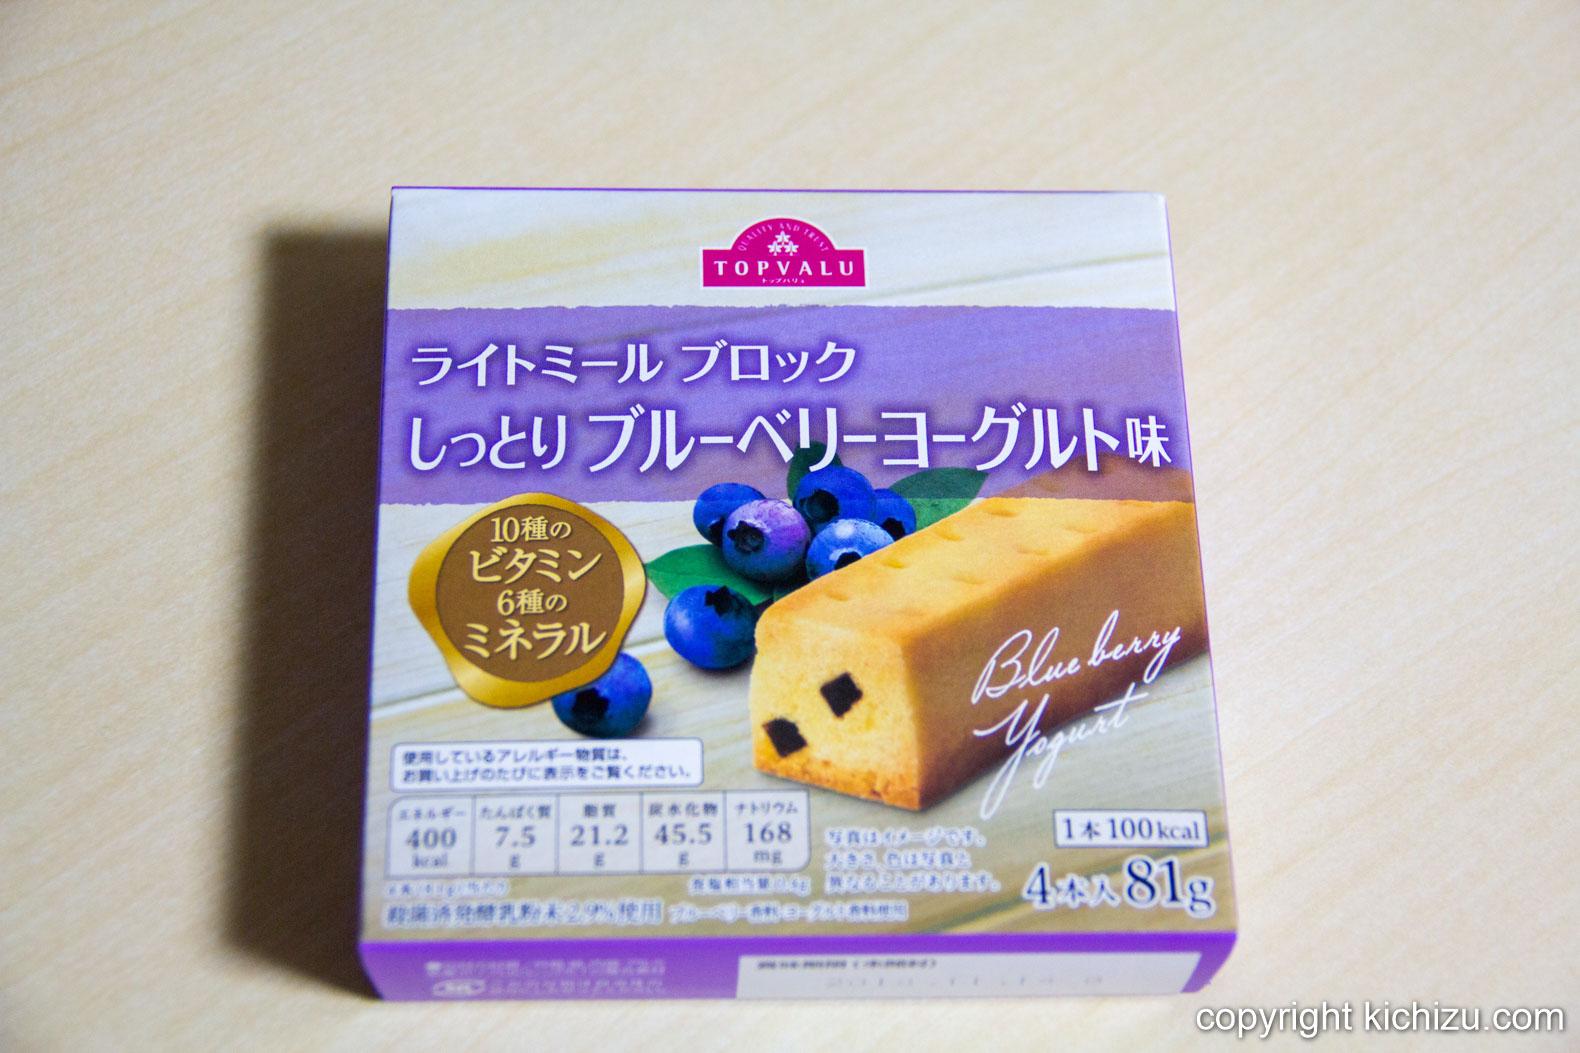 ライトミール ブロック しっとり ブルーベリーヨーグルト味パッケージ表